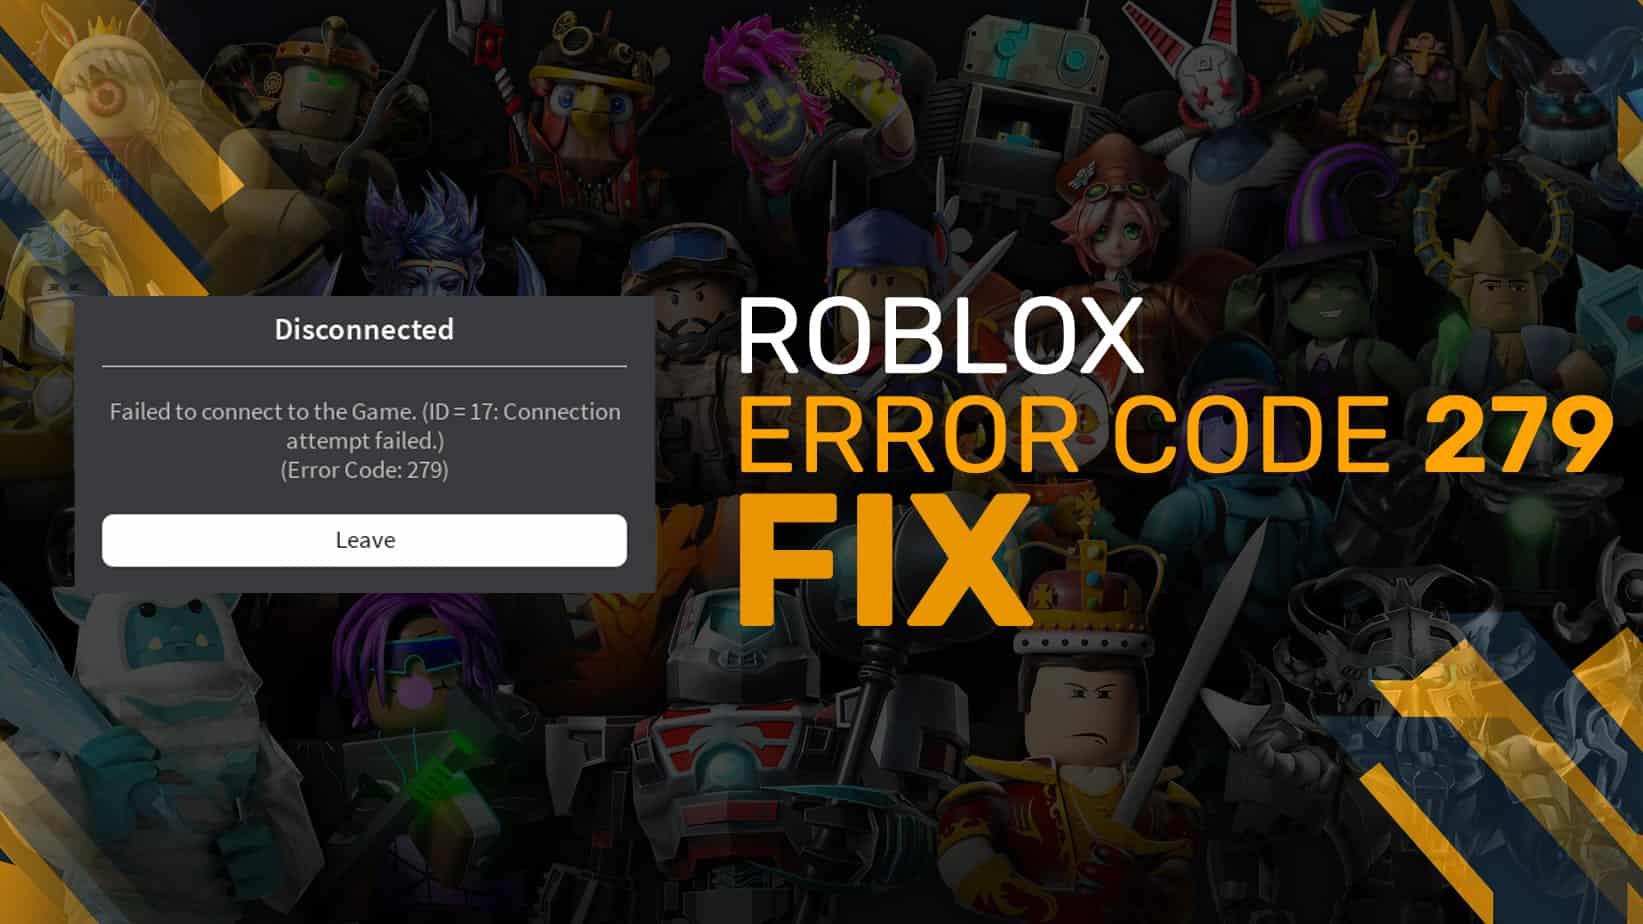 roblox-hata-kodu-279-cozumu.jpg